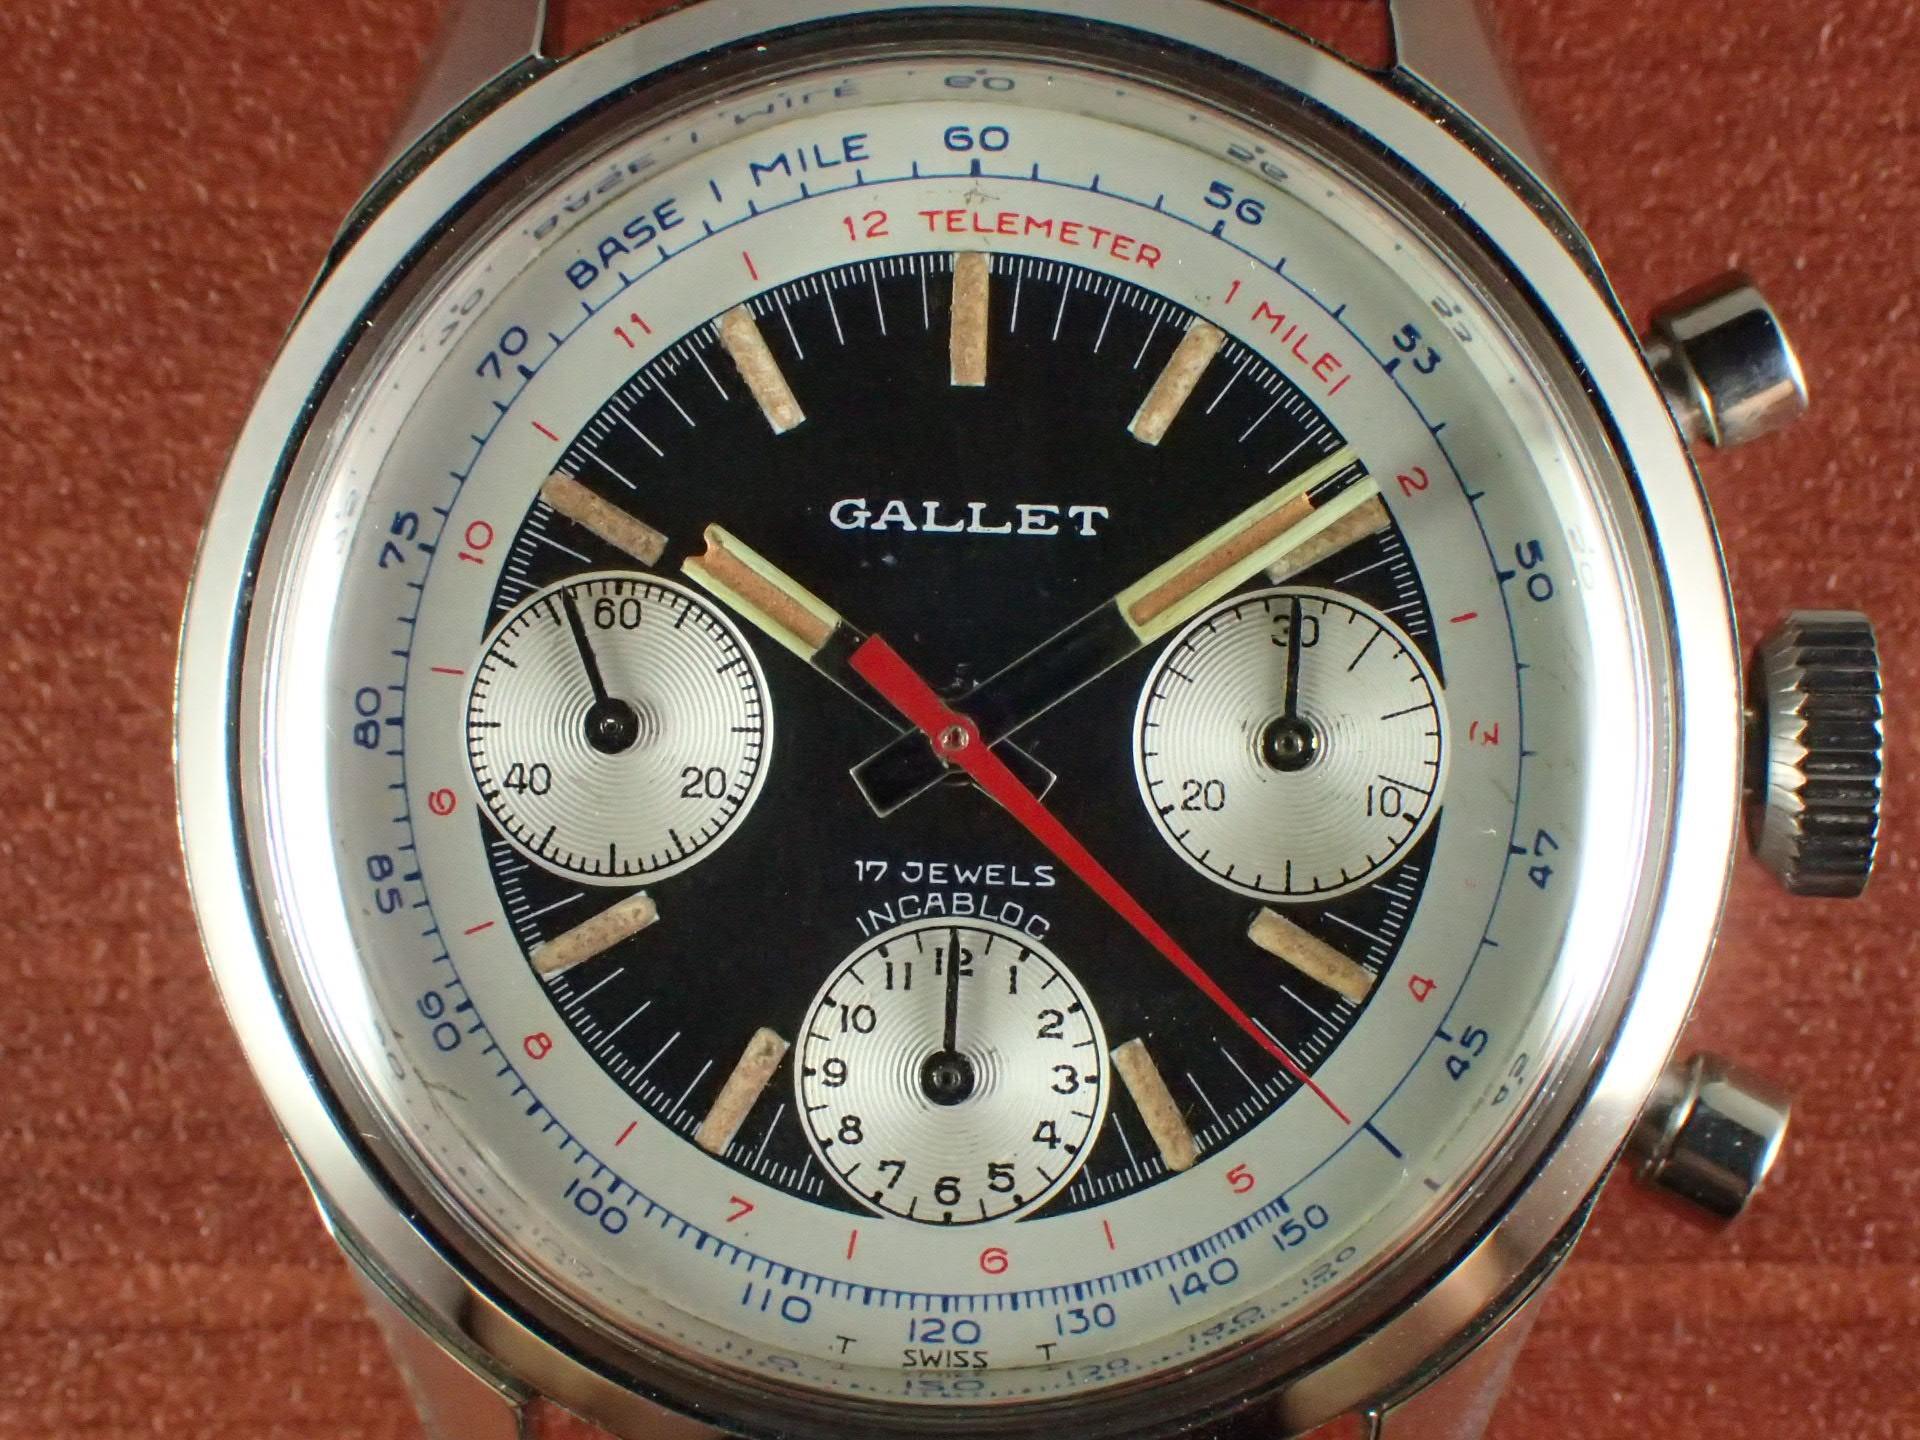 ギャレット クロノグラフ Cal.バルジュー7736 1970年代の写真2枚目